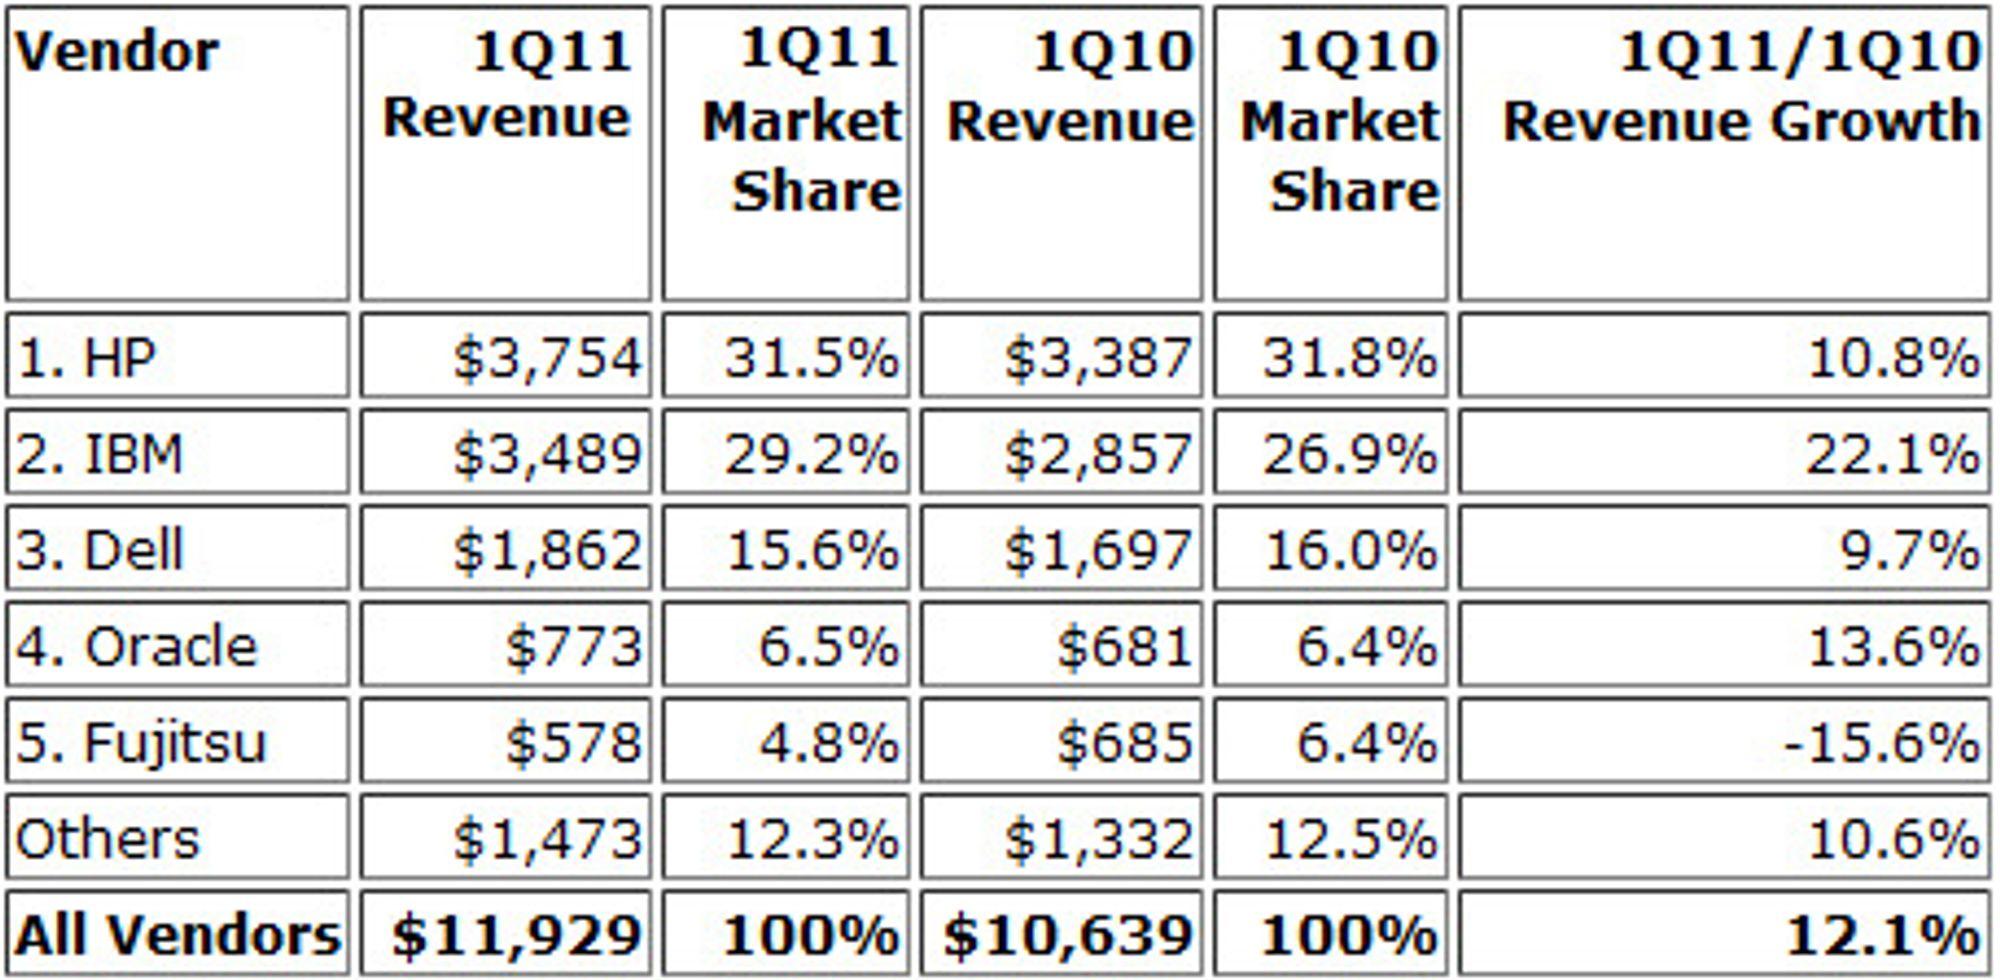 Omsetning i tusen dollar og markedsandeler i prosent til de fem største serverleverandørene.